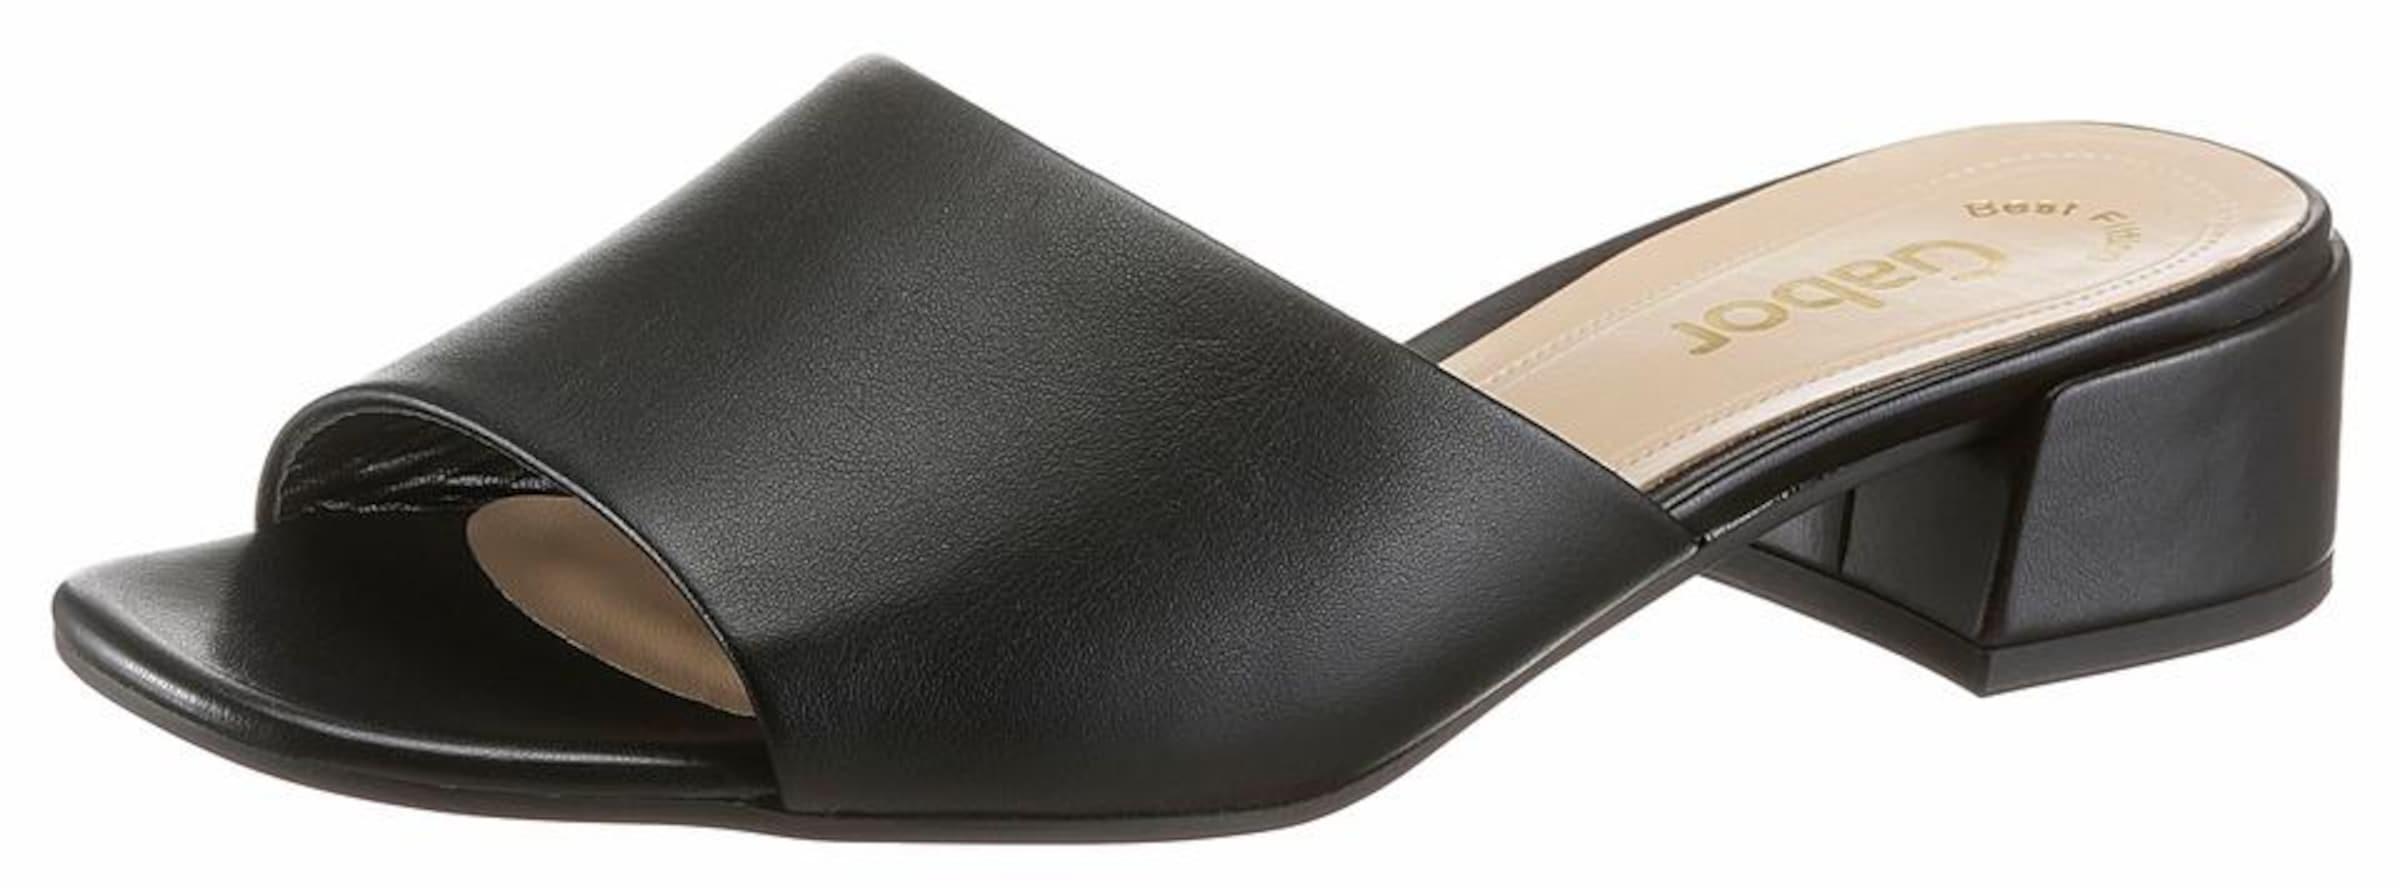 GABOR Pantolette Verschleißfeste billige Schuhe Hohe Qualität